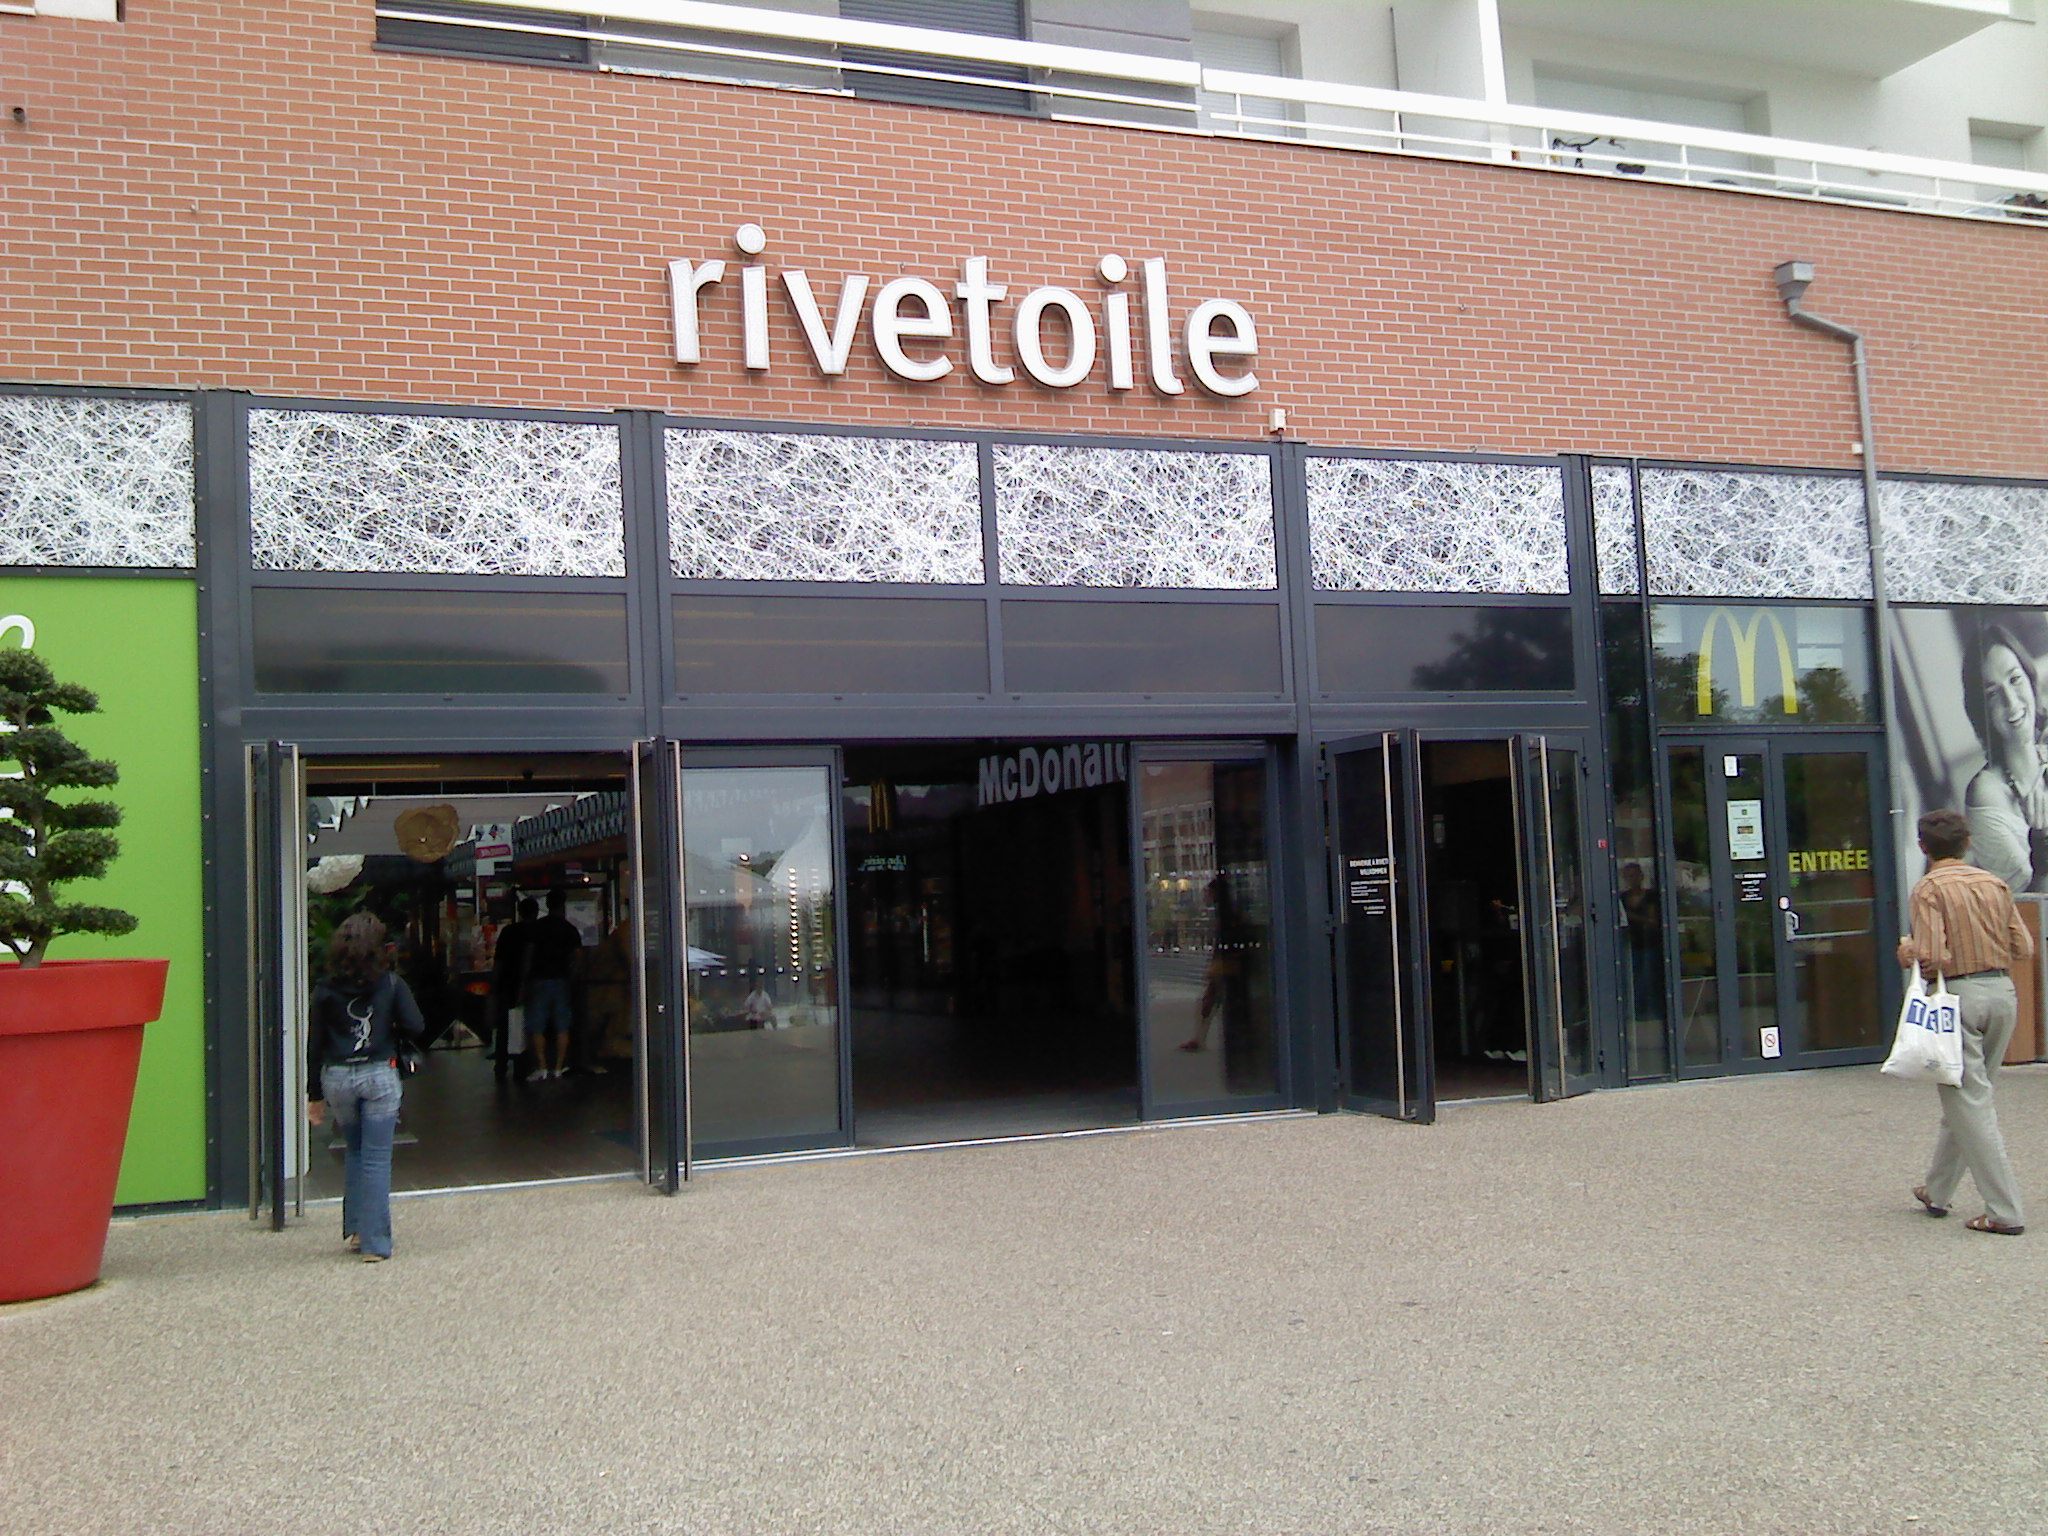 File entr e du centre commercial riv toile strasbourg - Centre commercial rivetoile ...